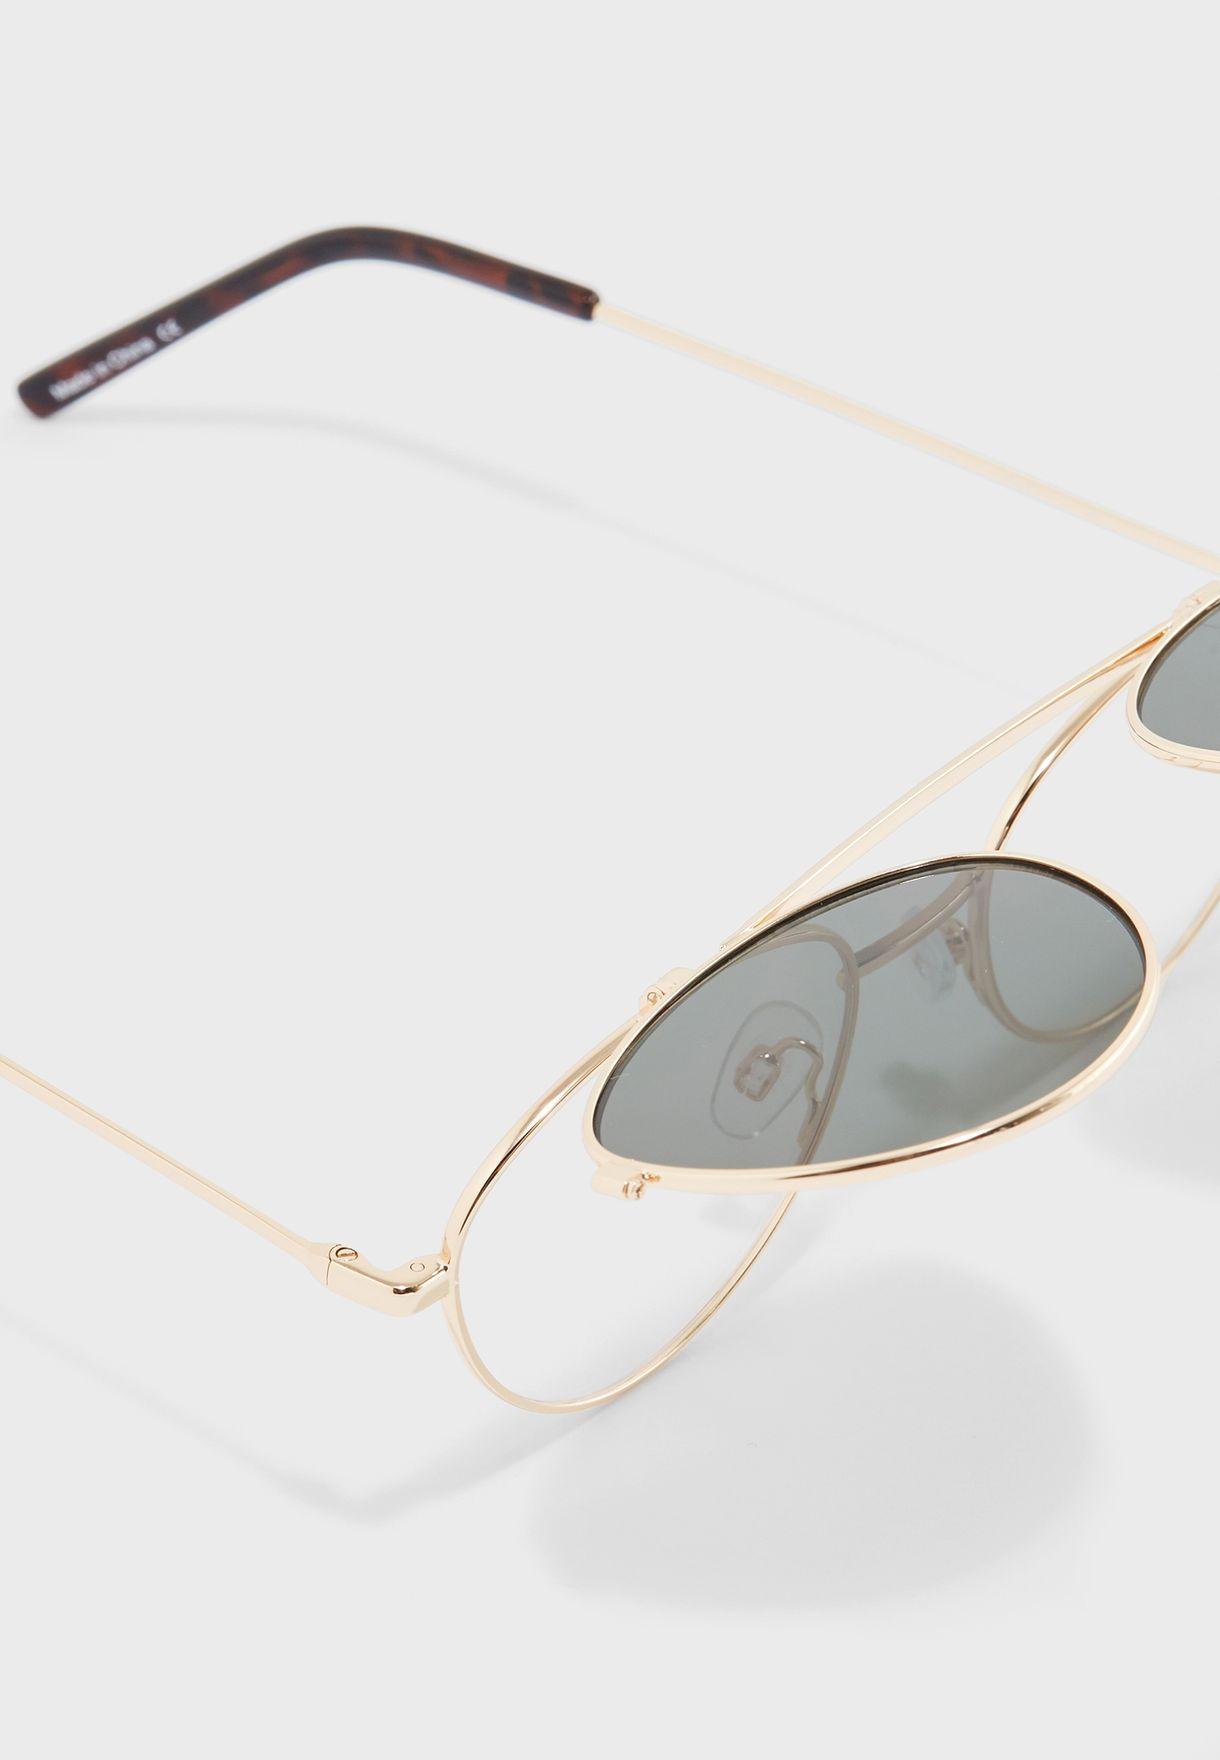 نظارة من مجموعة ايل فيرجسون